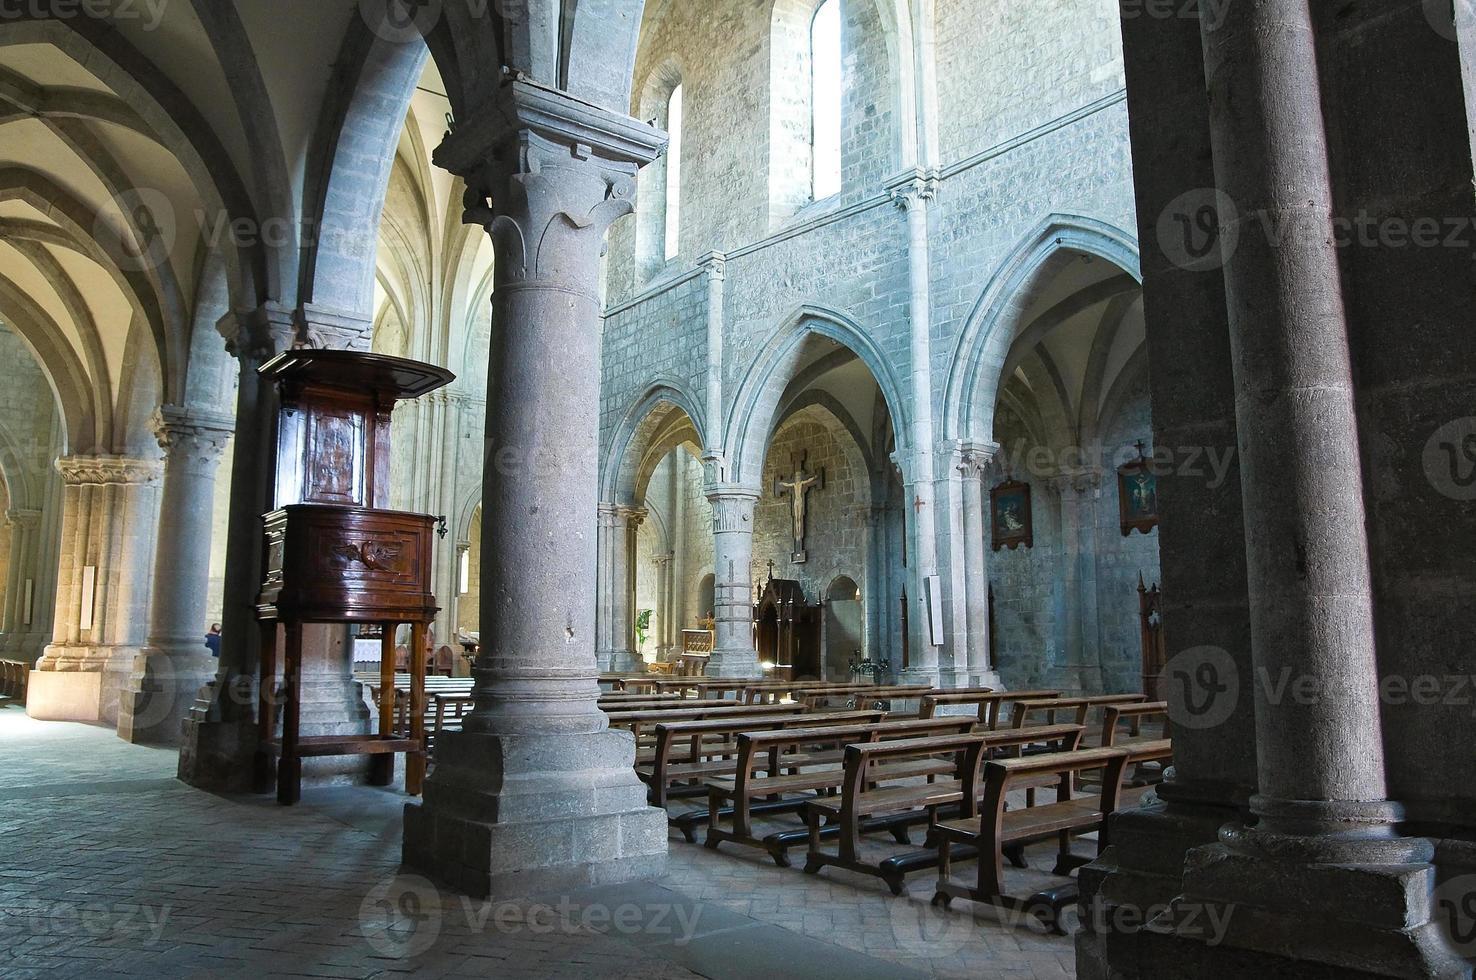 abbazia di san martino al cimino. lazio. Italia. foto